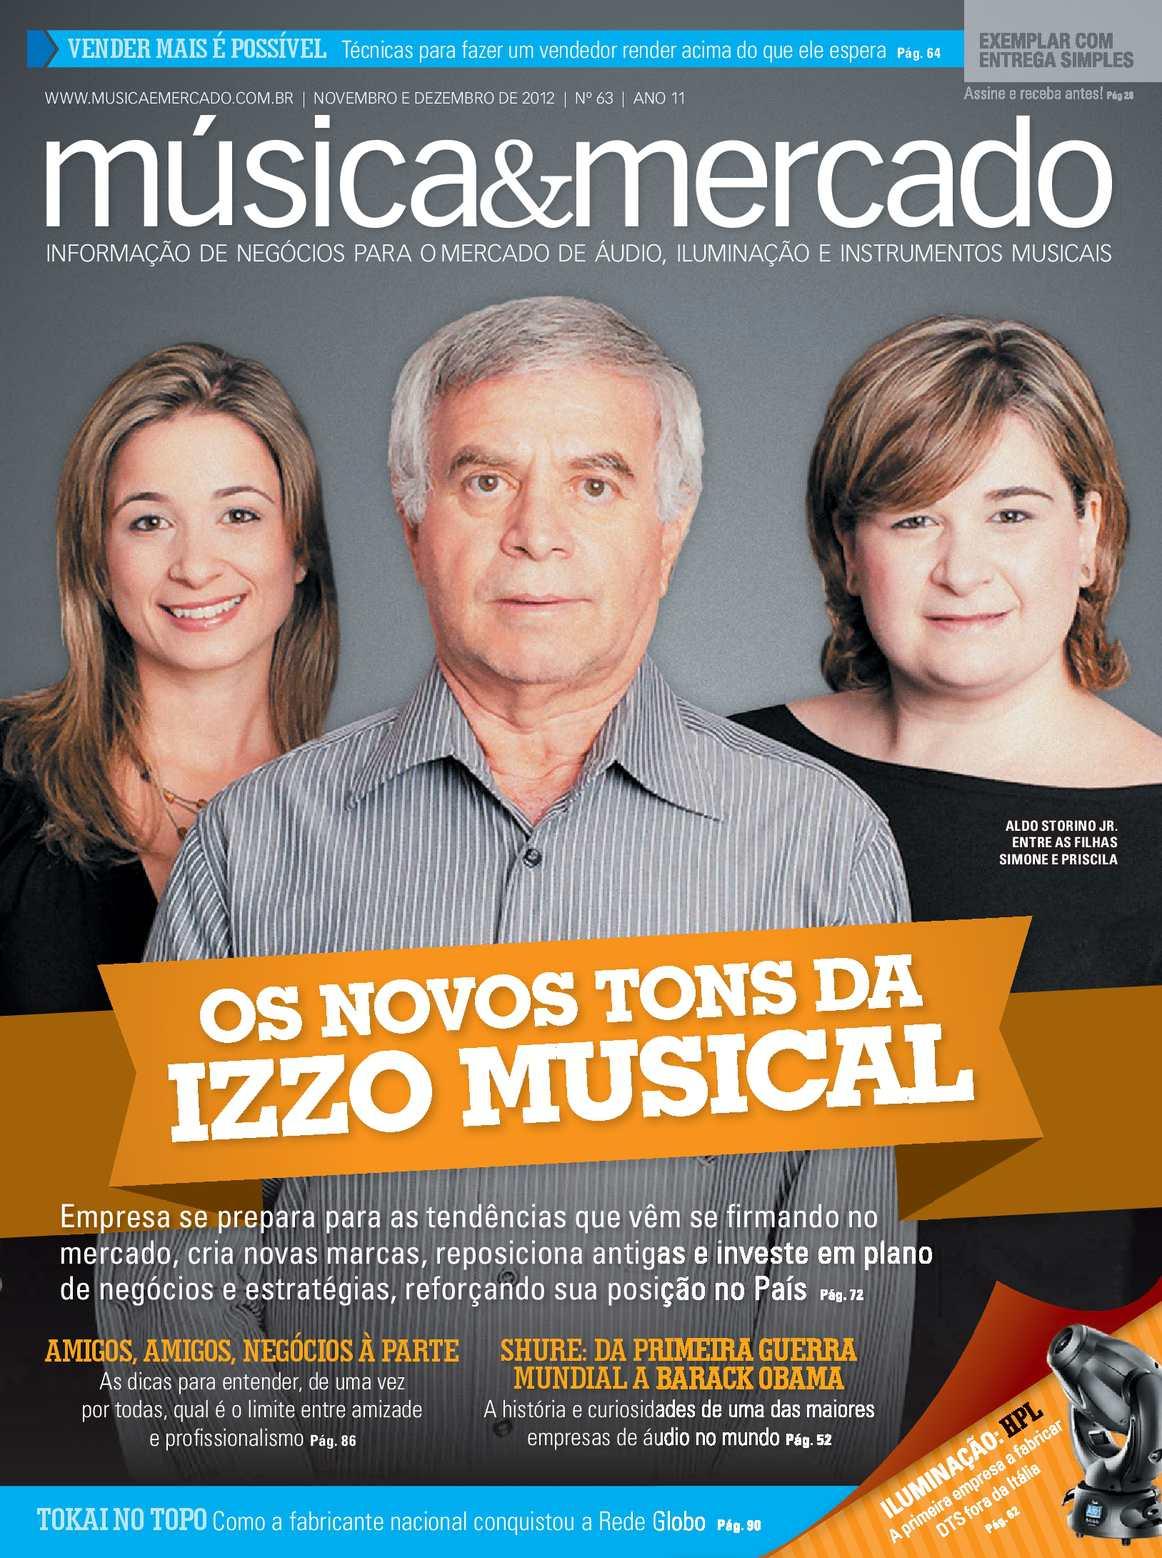 Calaméo -  63 NOVEMBRO DEZEMBRO 2012 - Música   Mercado em Português 5afde794de6